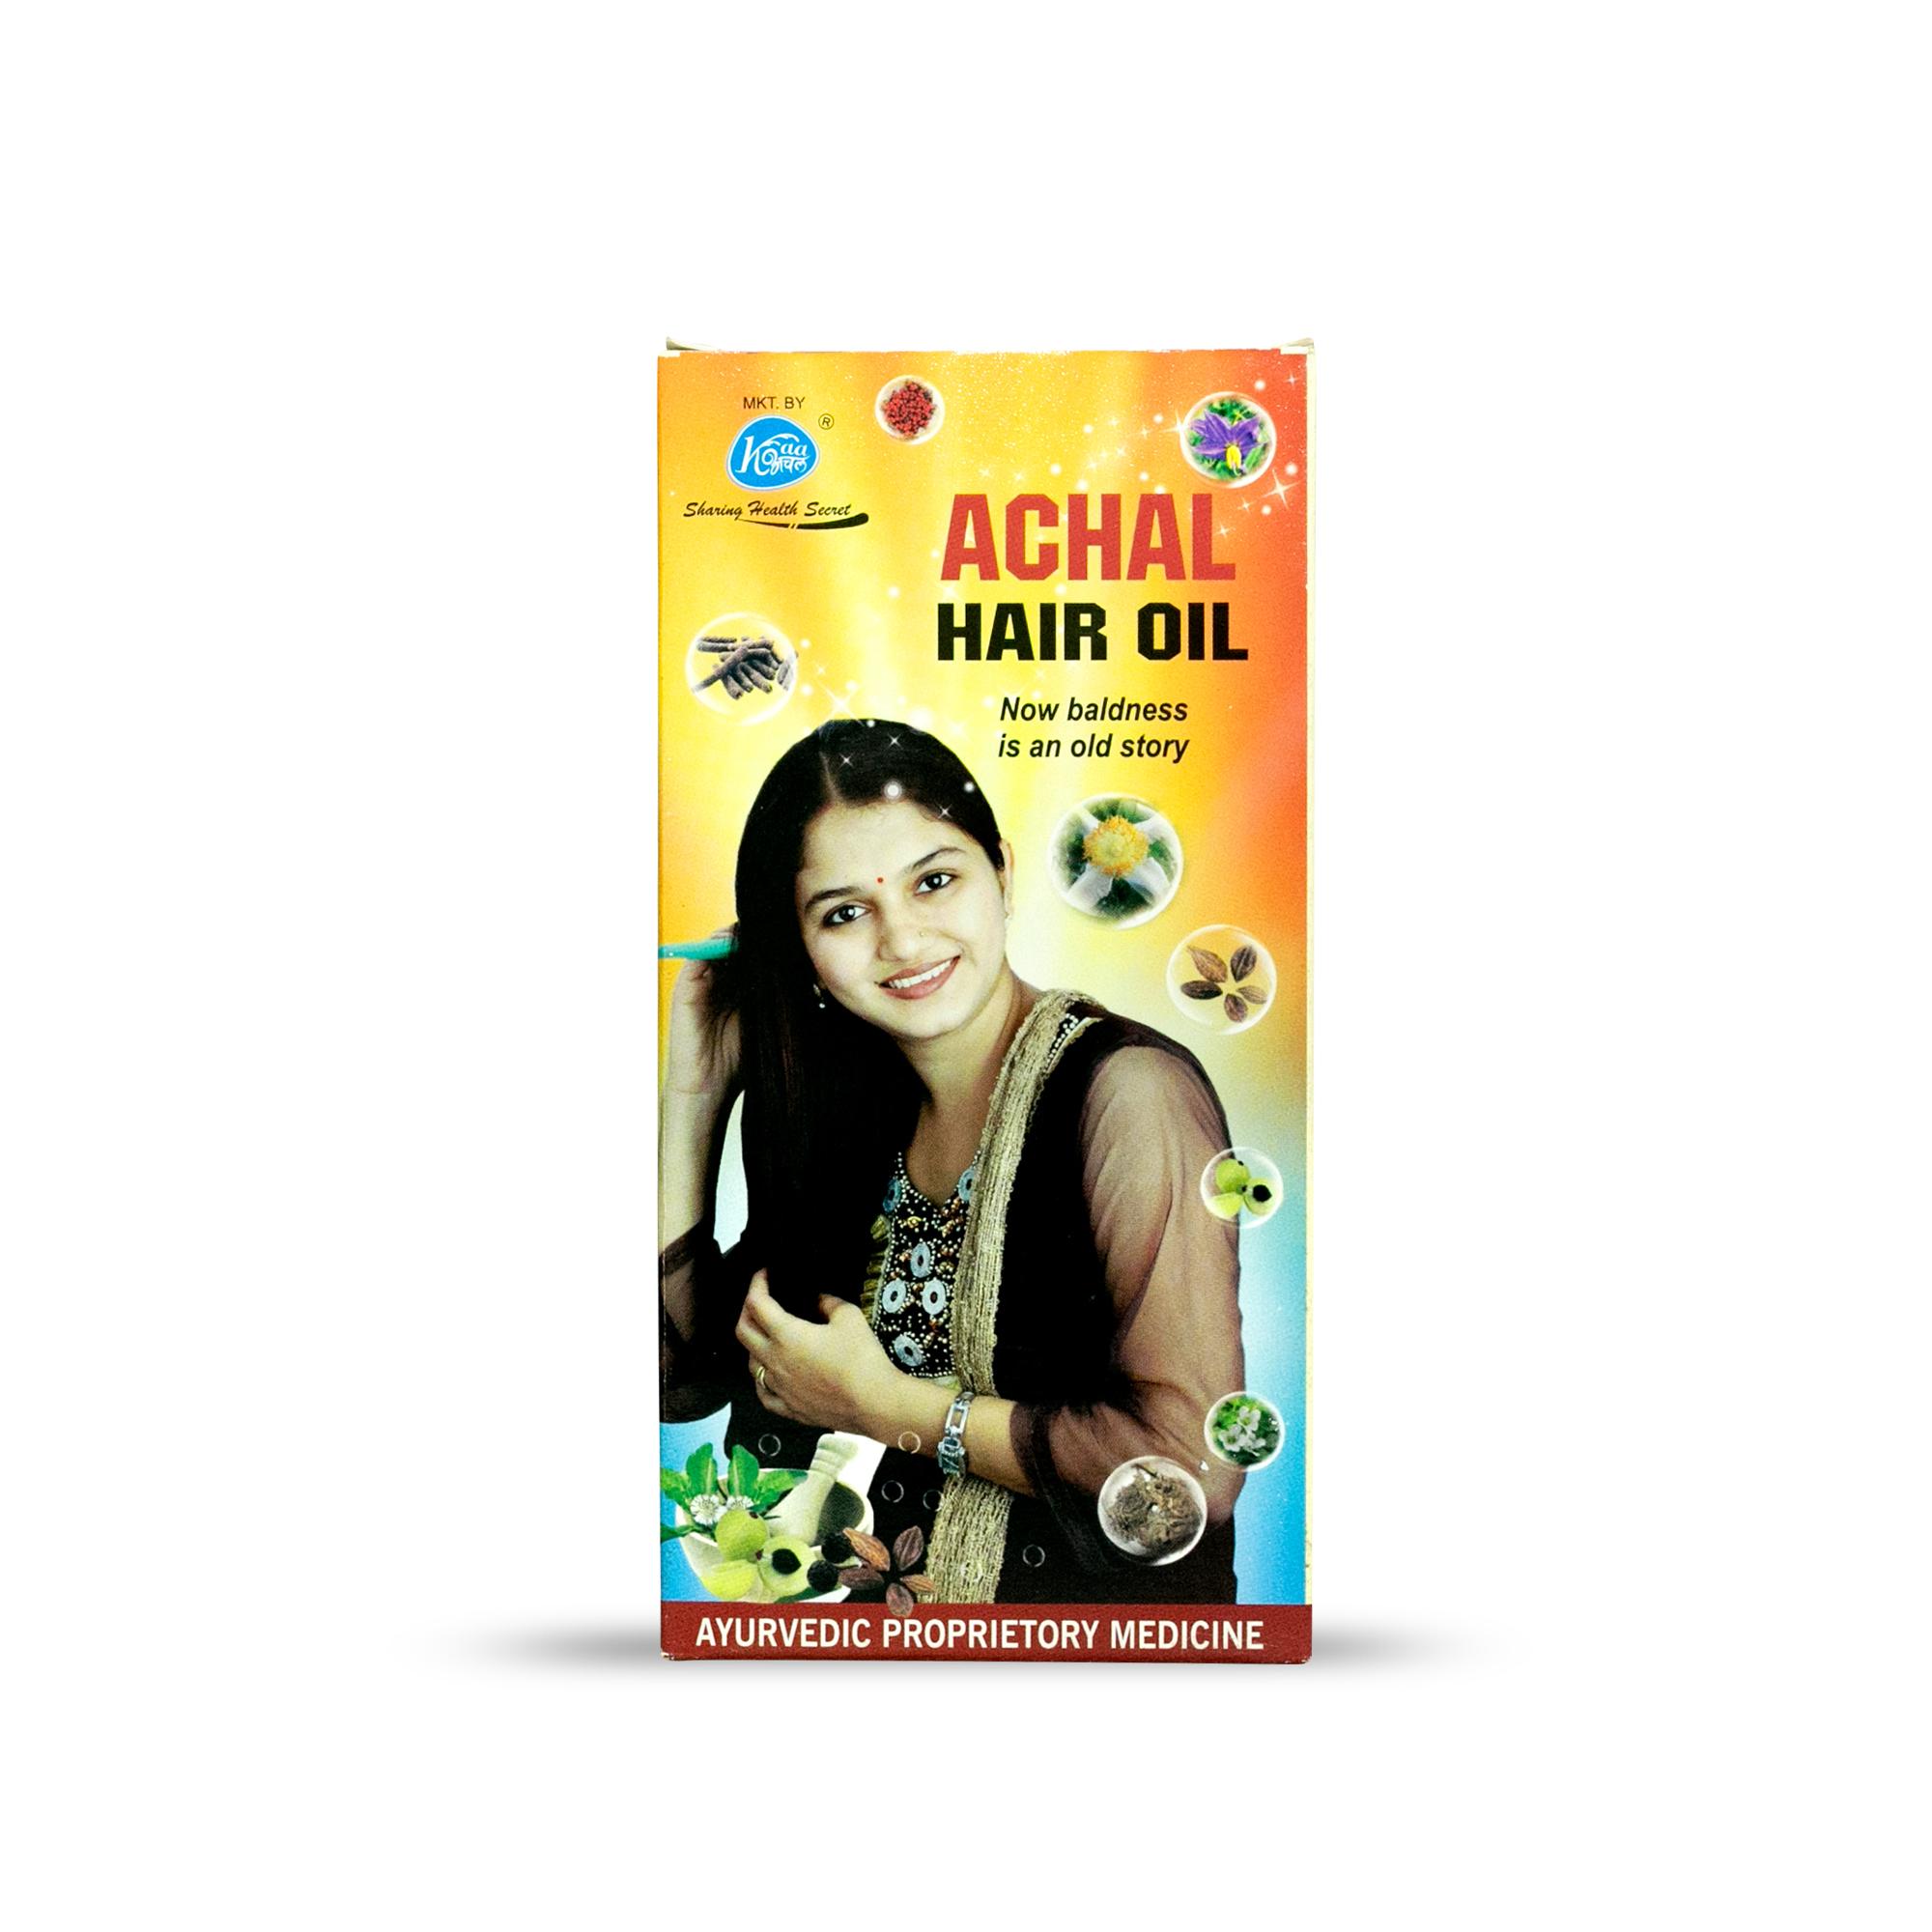 ACHAL HAIR OIL